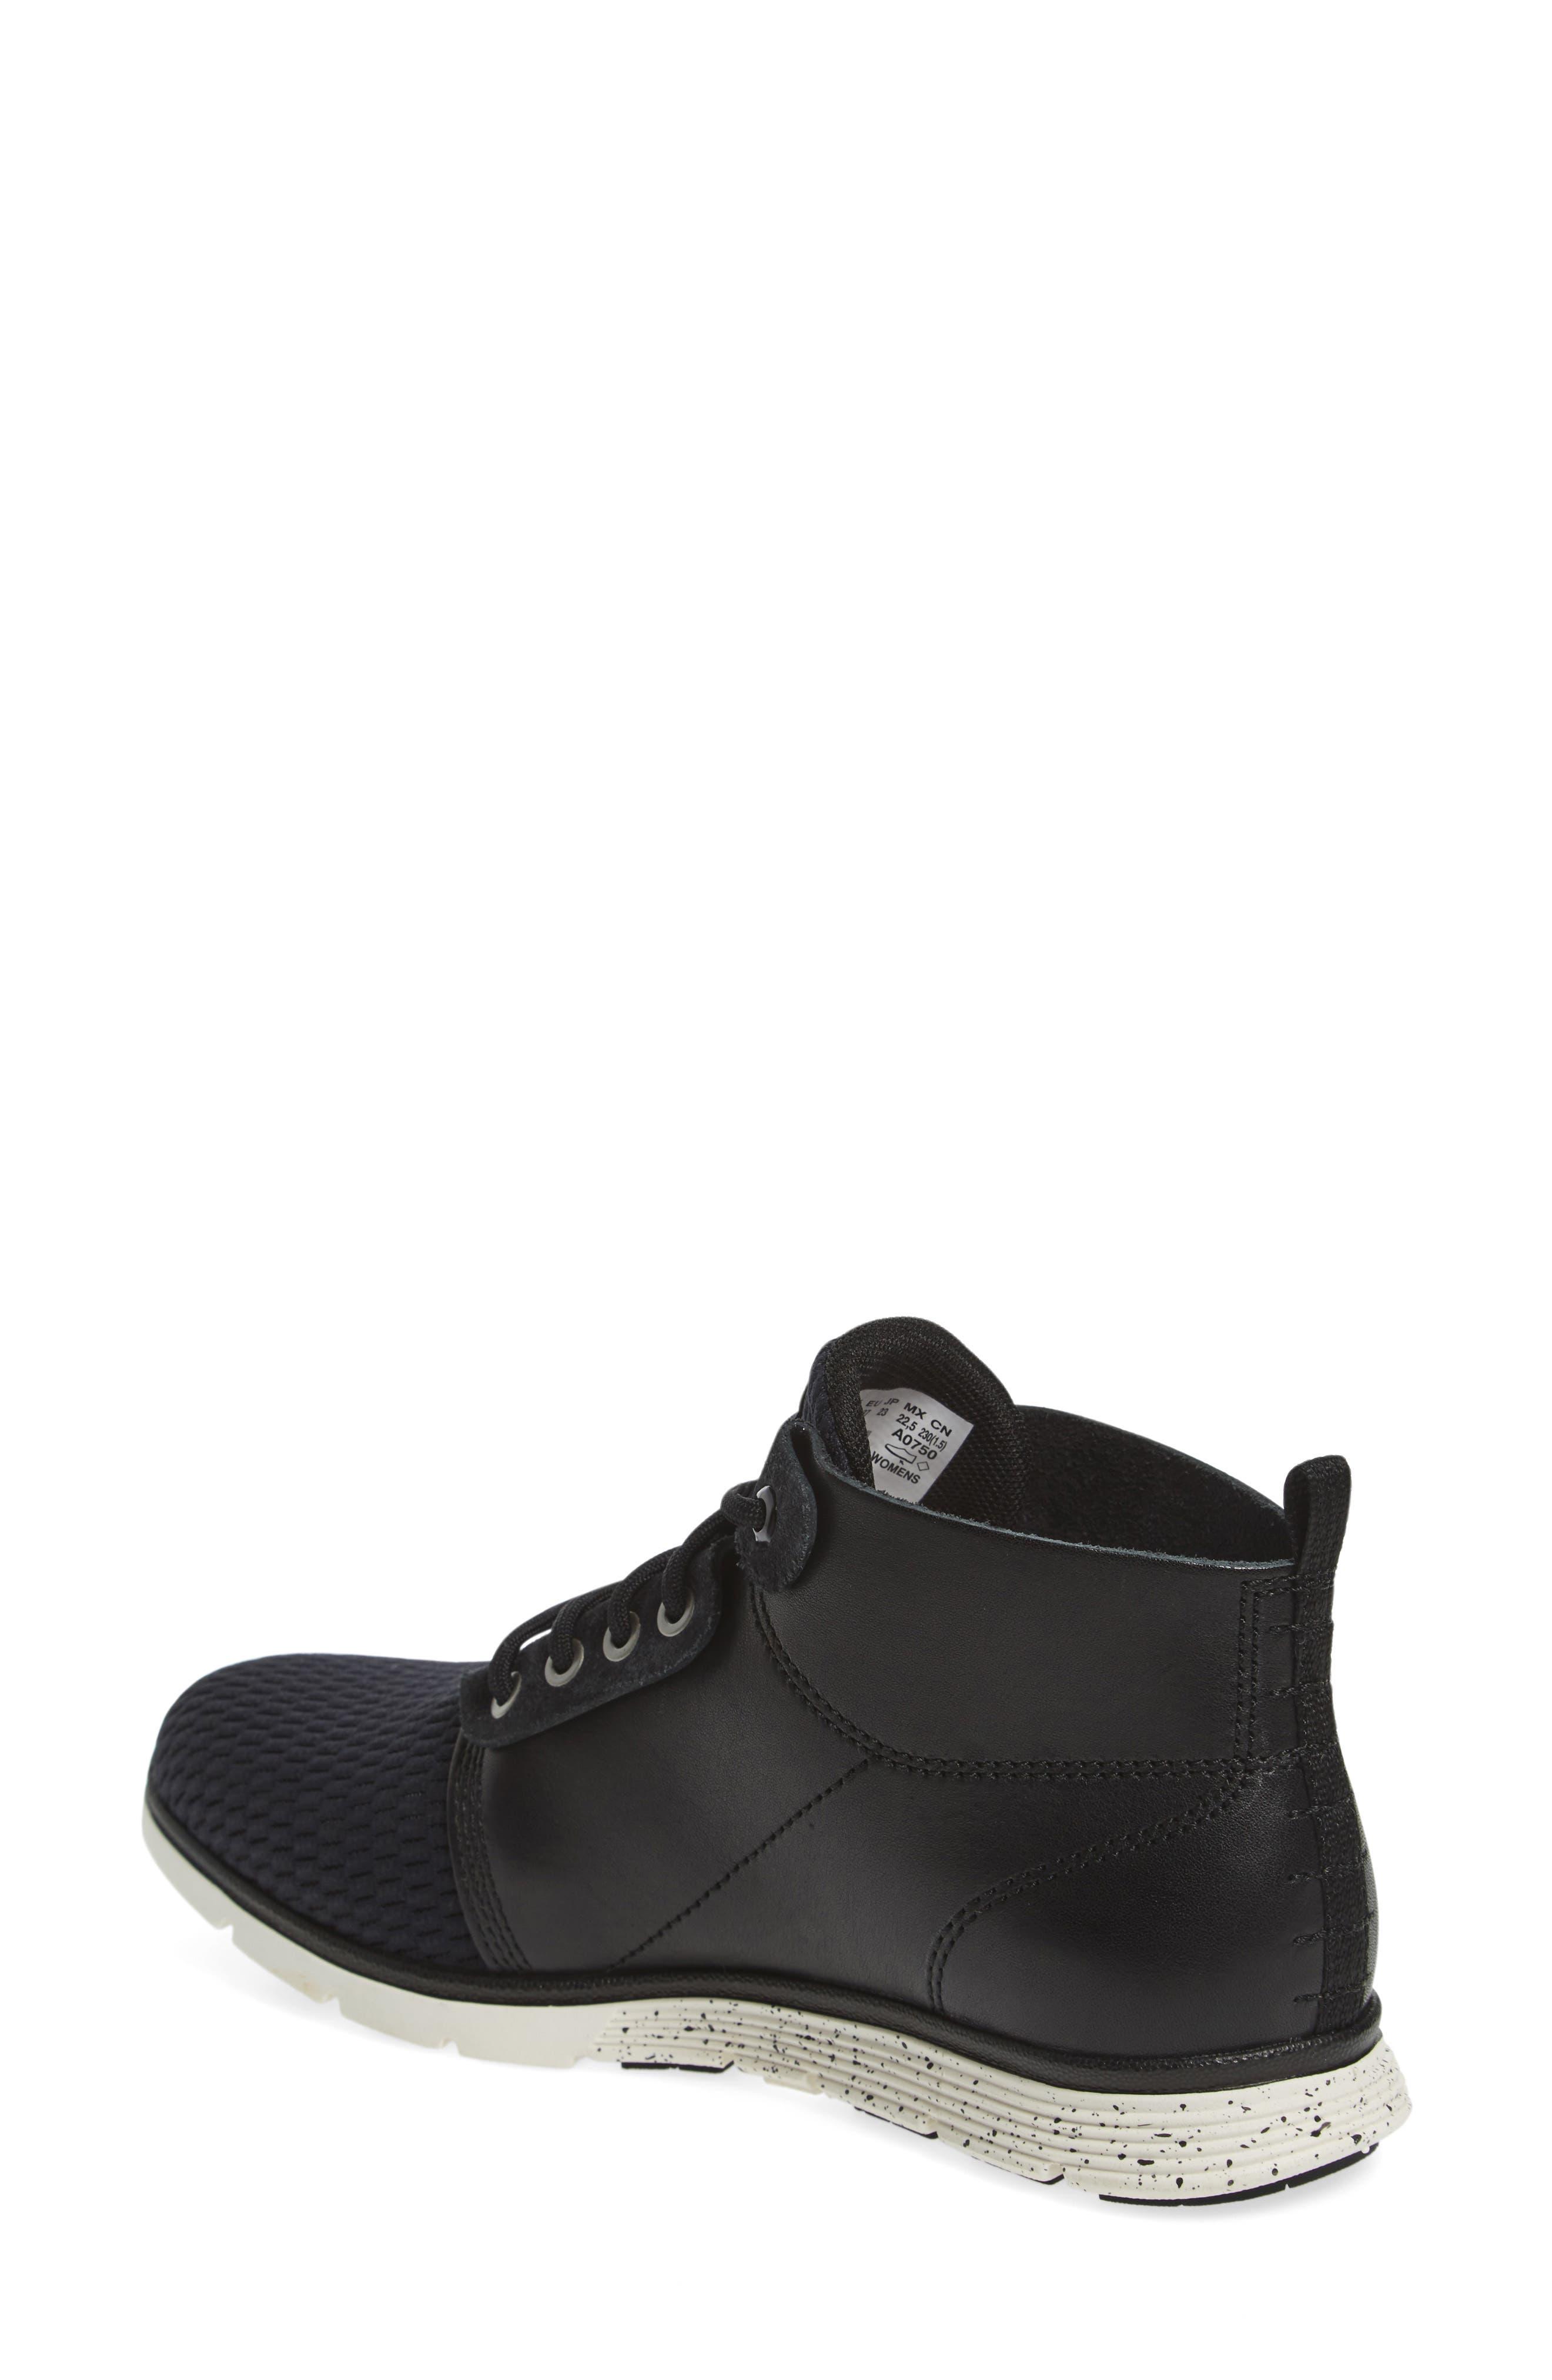 Killington Chukka Sneaker,                             Alternate thumbnail 2, color,                             001